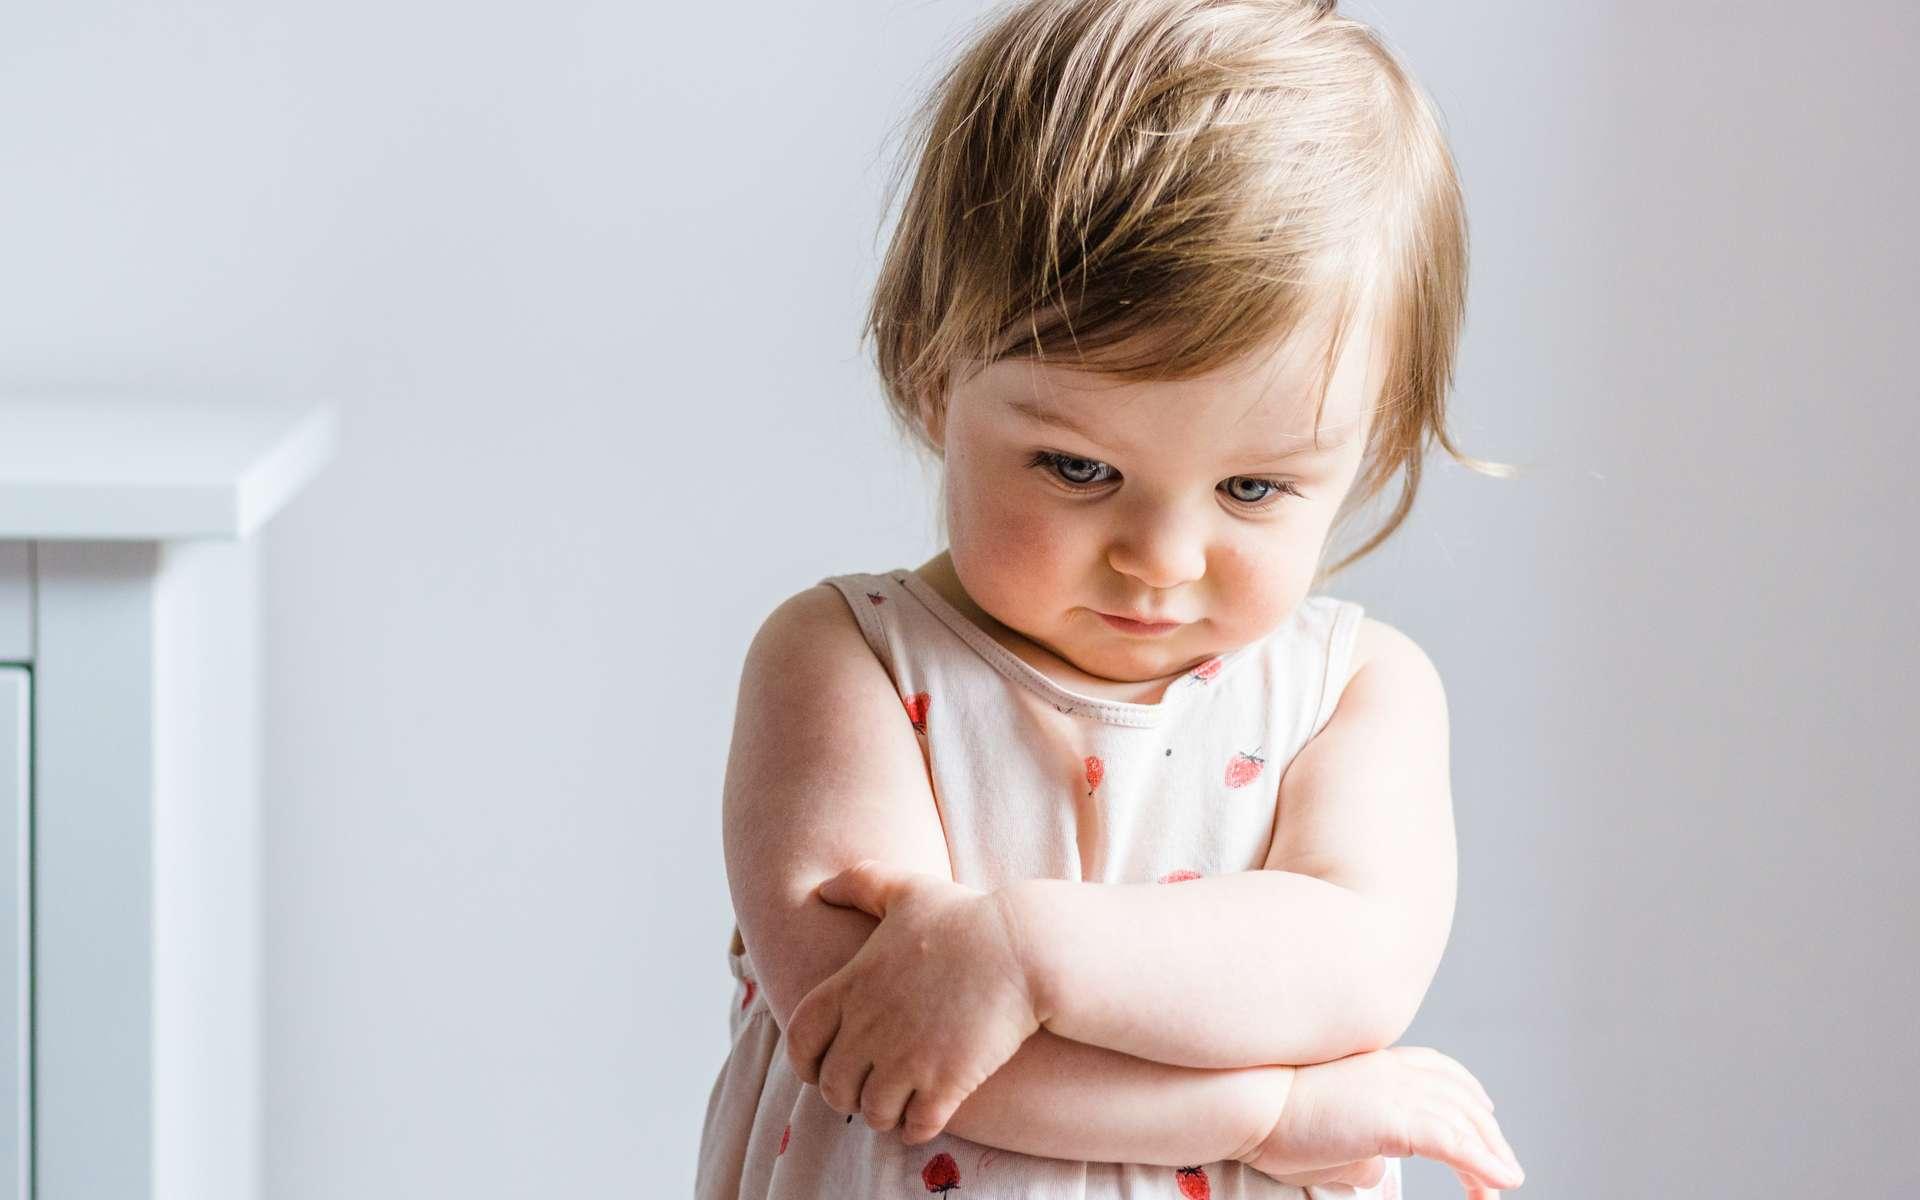 Quels liens entre le caractère d'un bébé et sa personnalité une fois adulte ? © Oksana Kuzmina, Adobe Stock